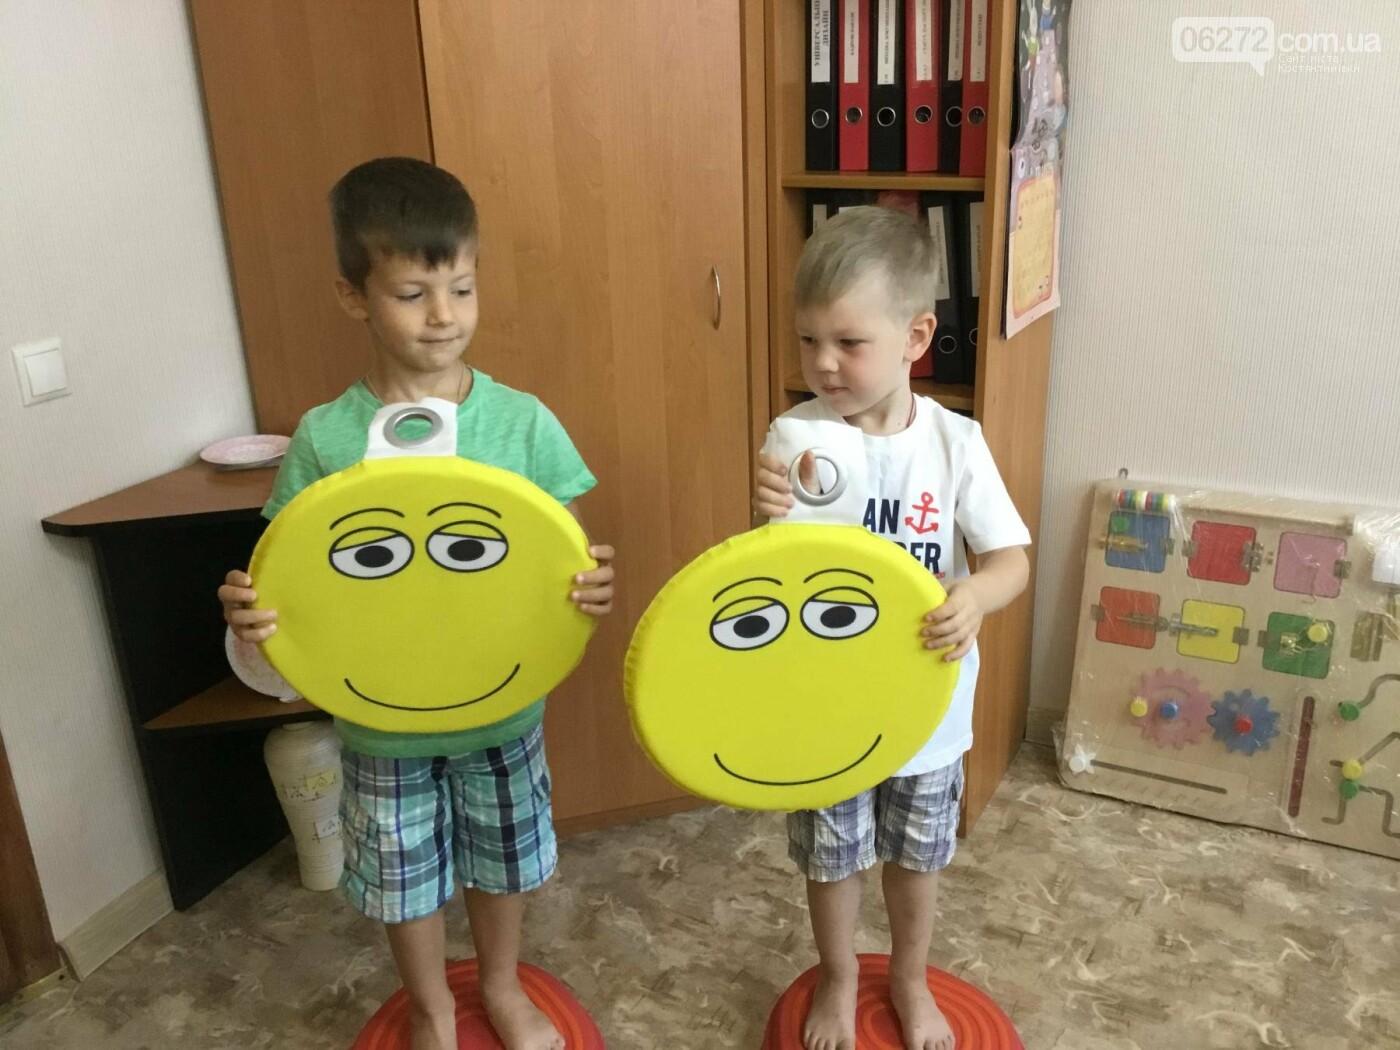 У Костянтинівці в дитячій інклюзивній групі з'явилось сучасне обладнання, фото-17